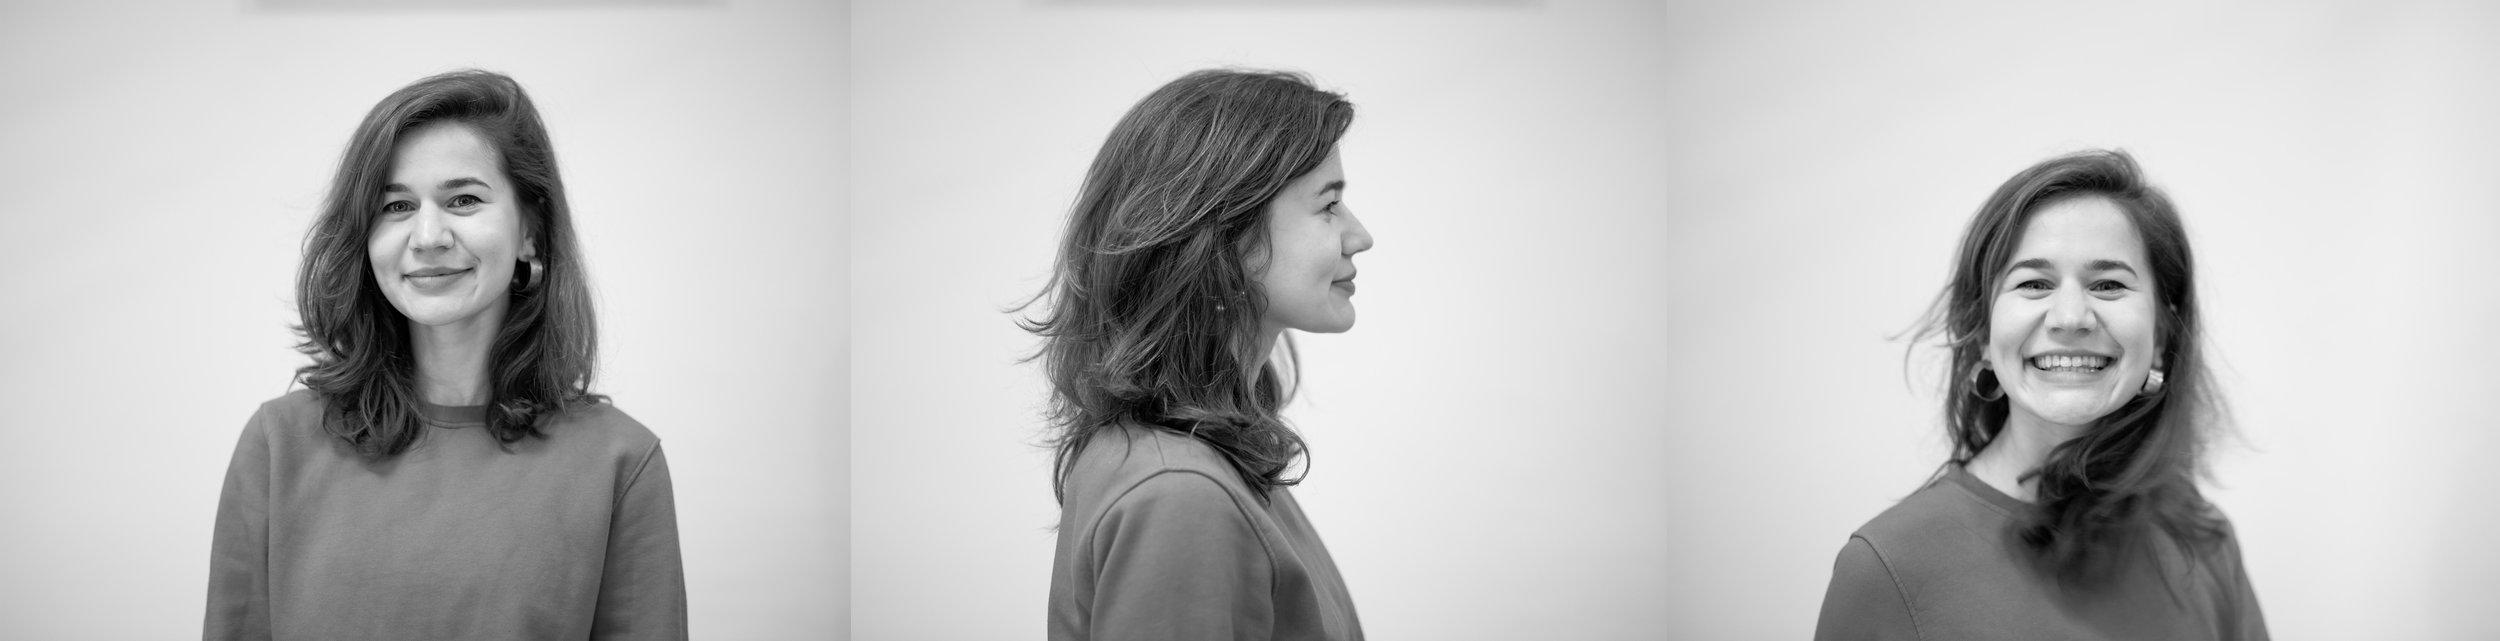 nadia-mysleika-theclothette